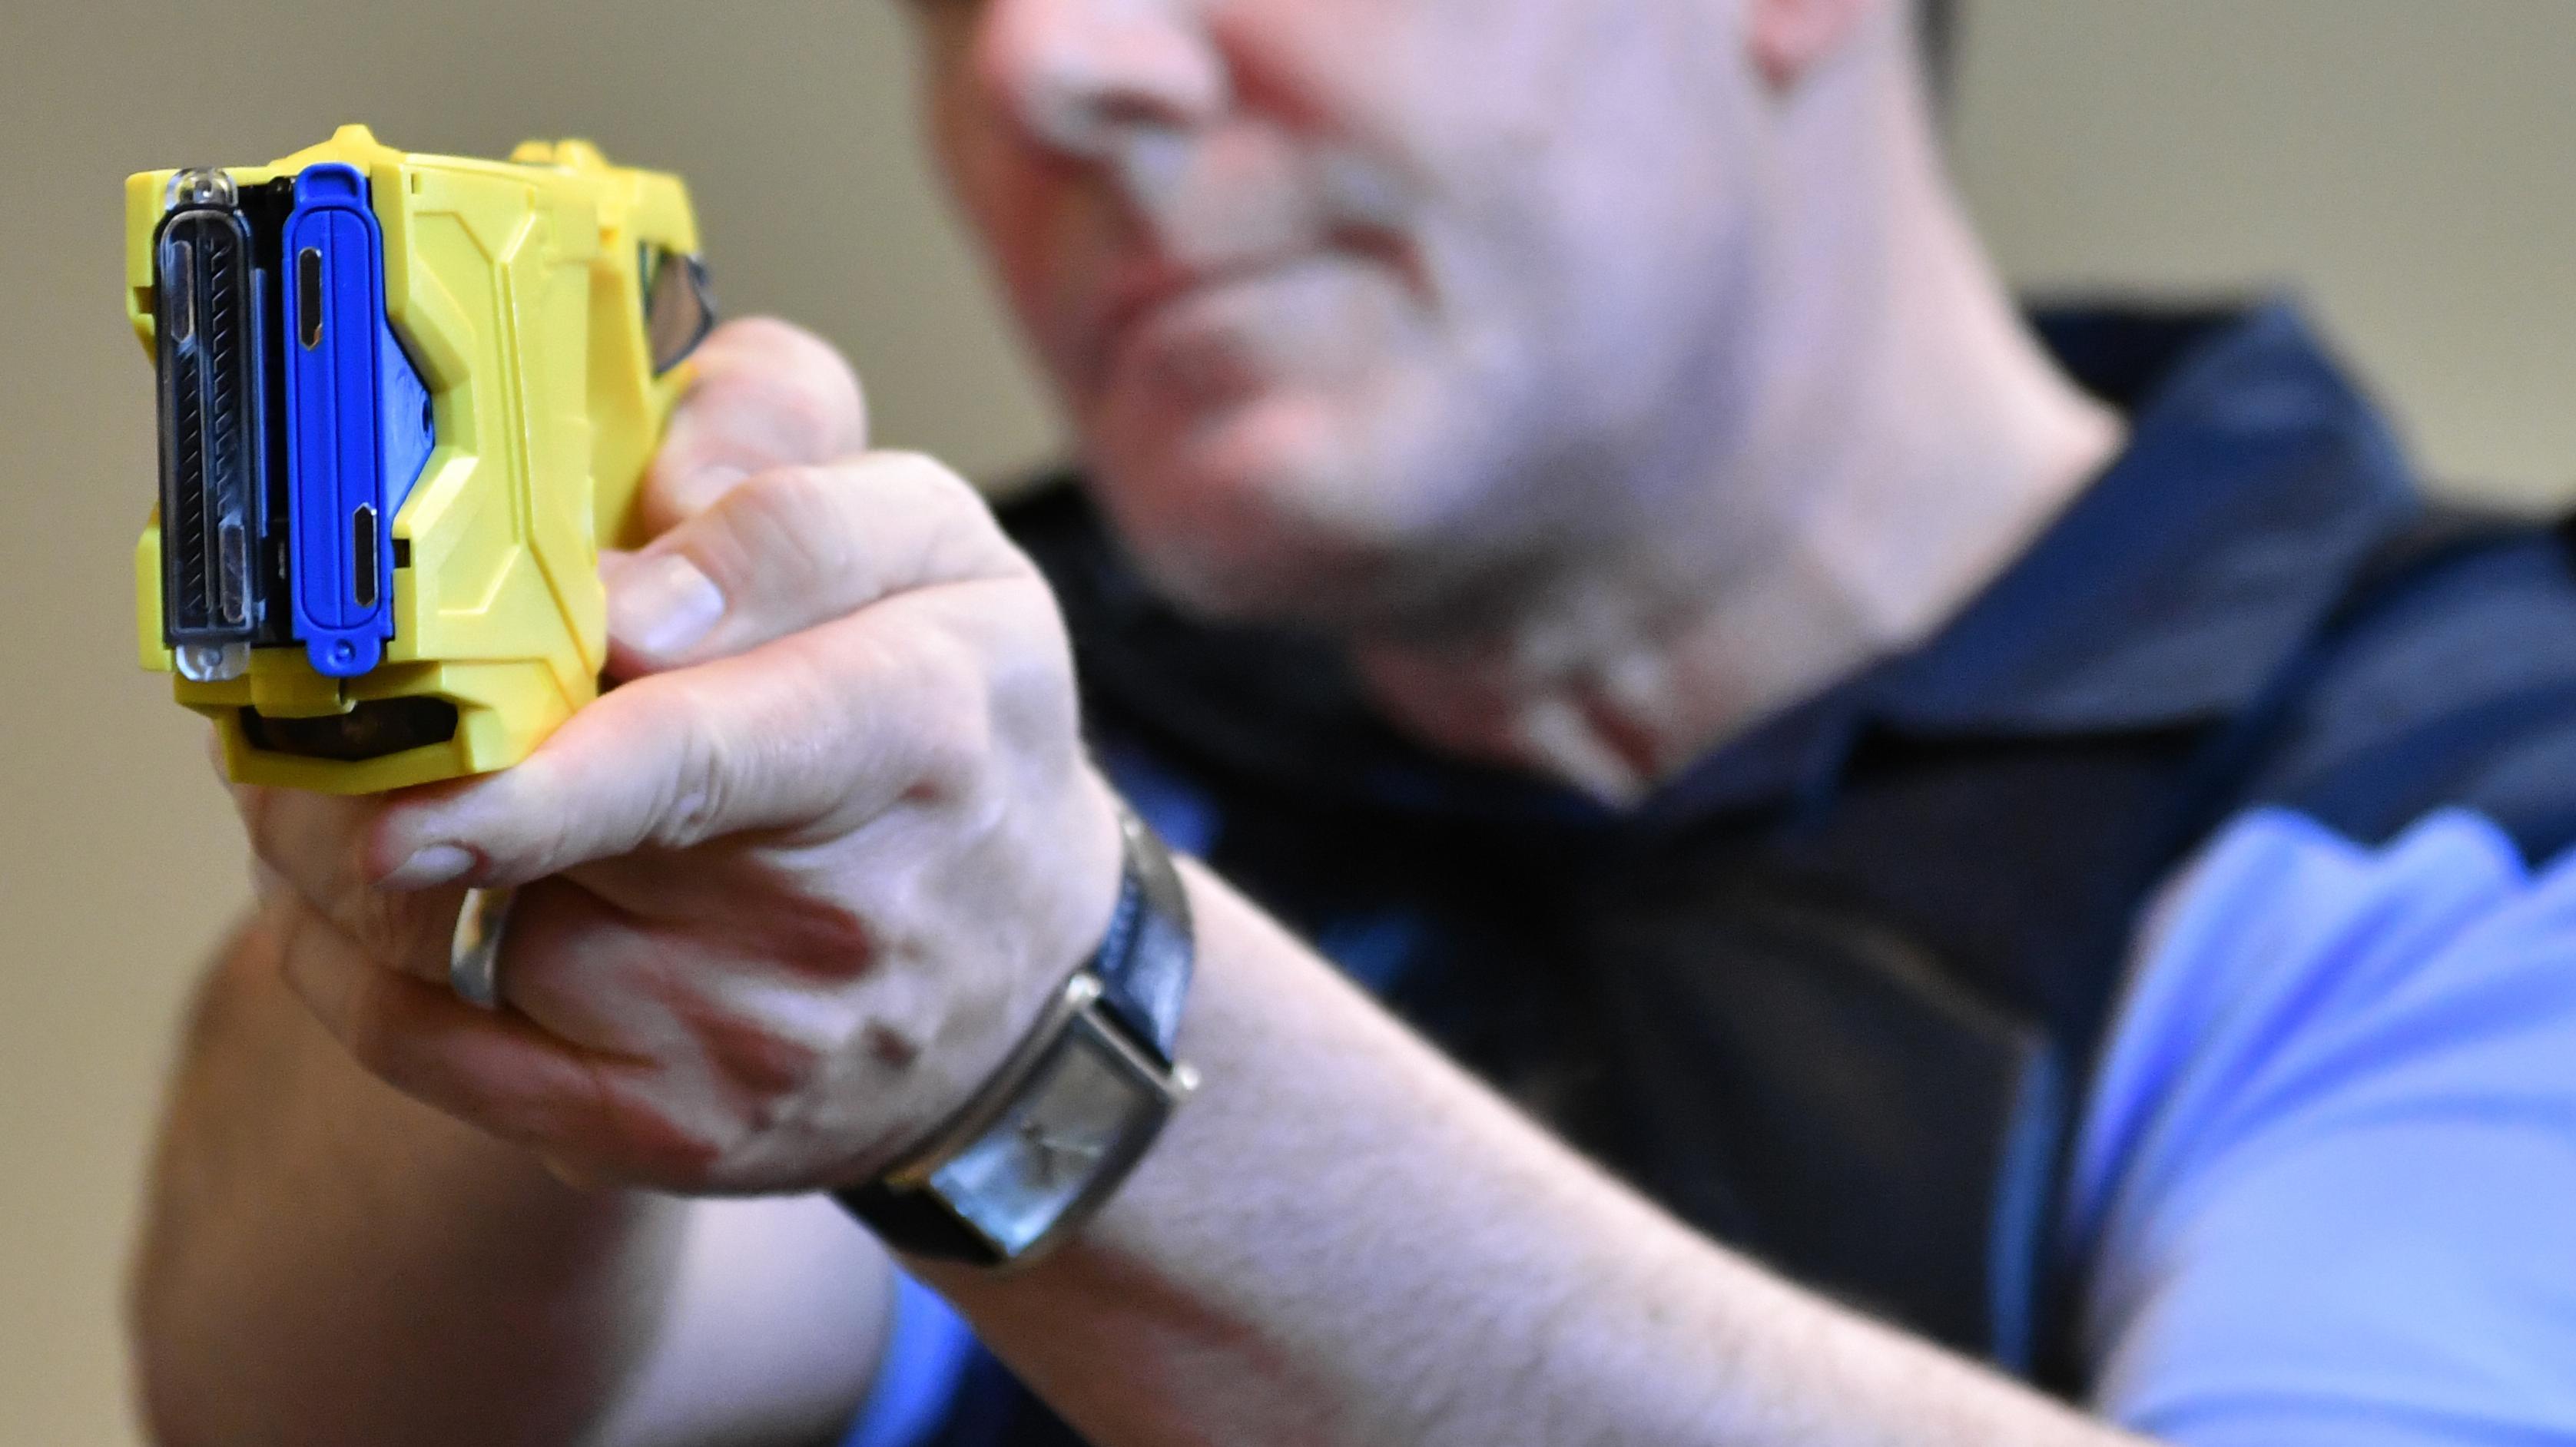 Polizeibeamter bringt Taser in Anschlag